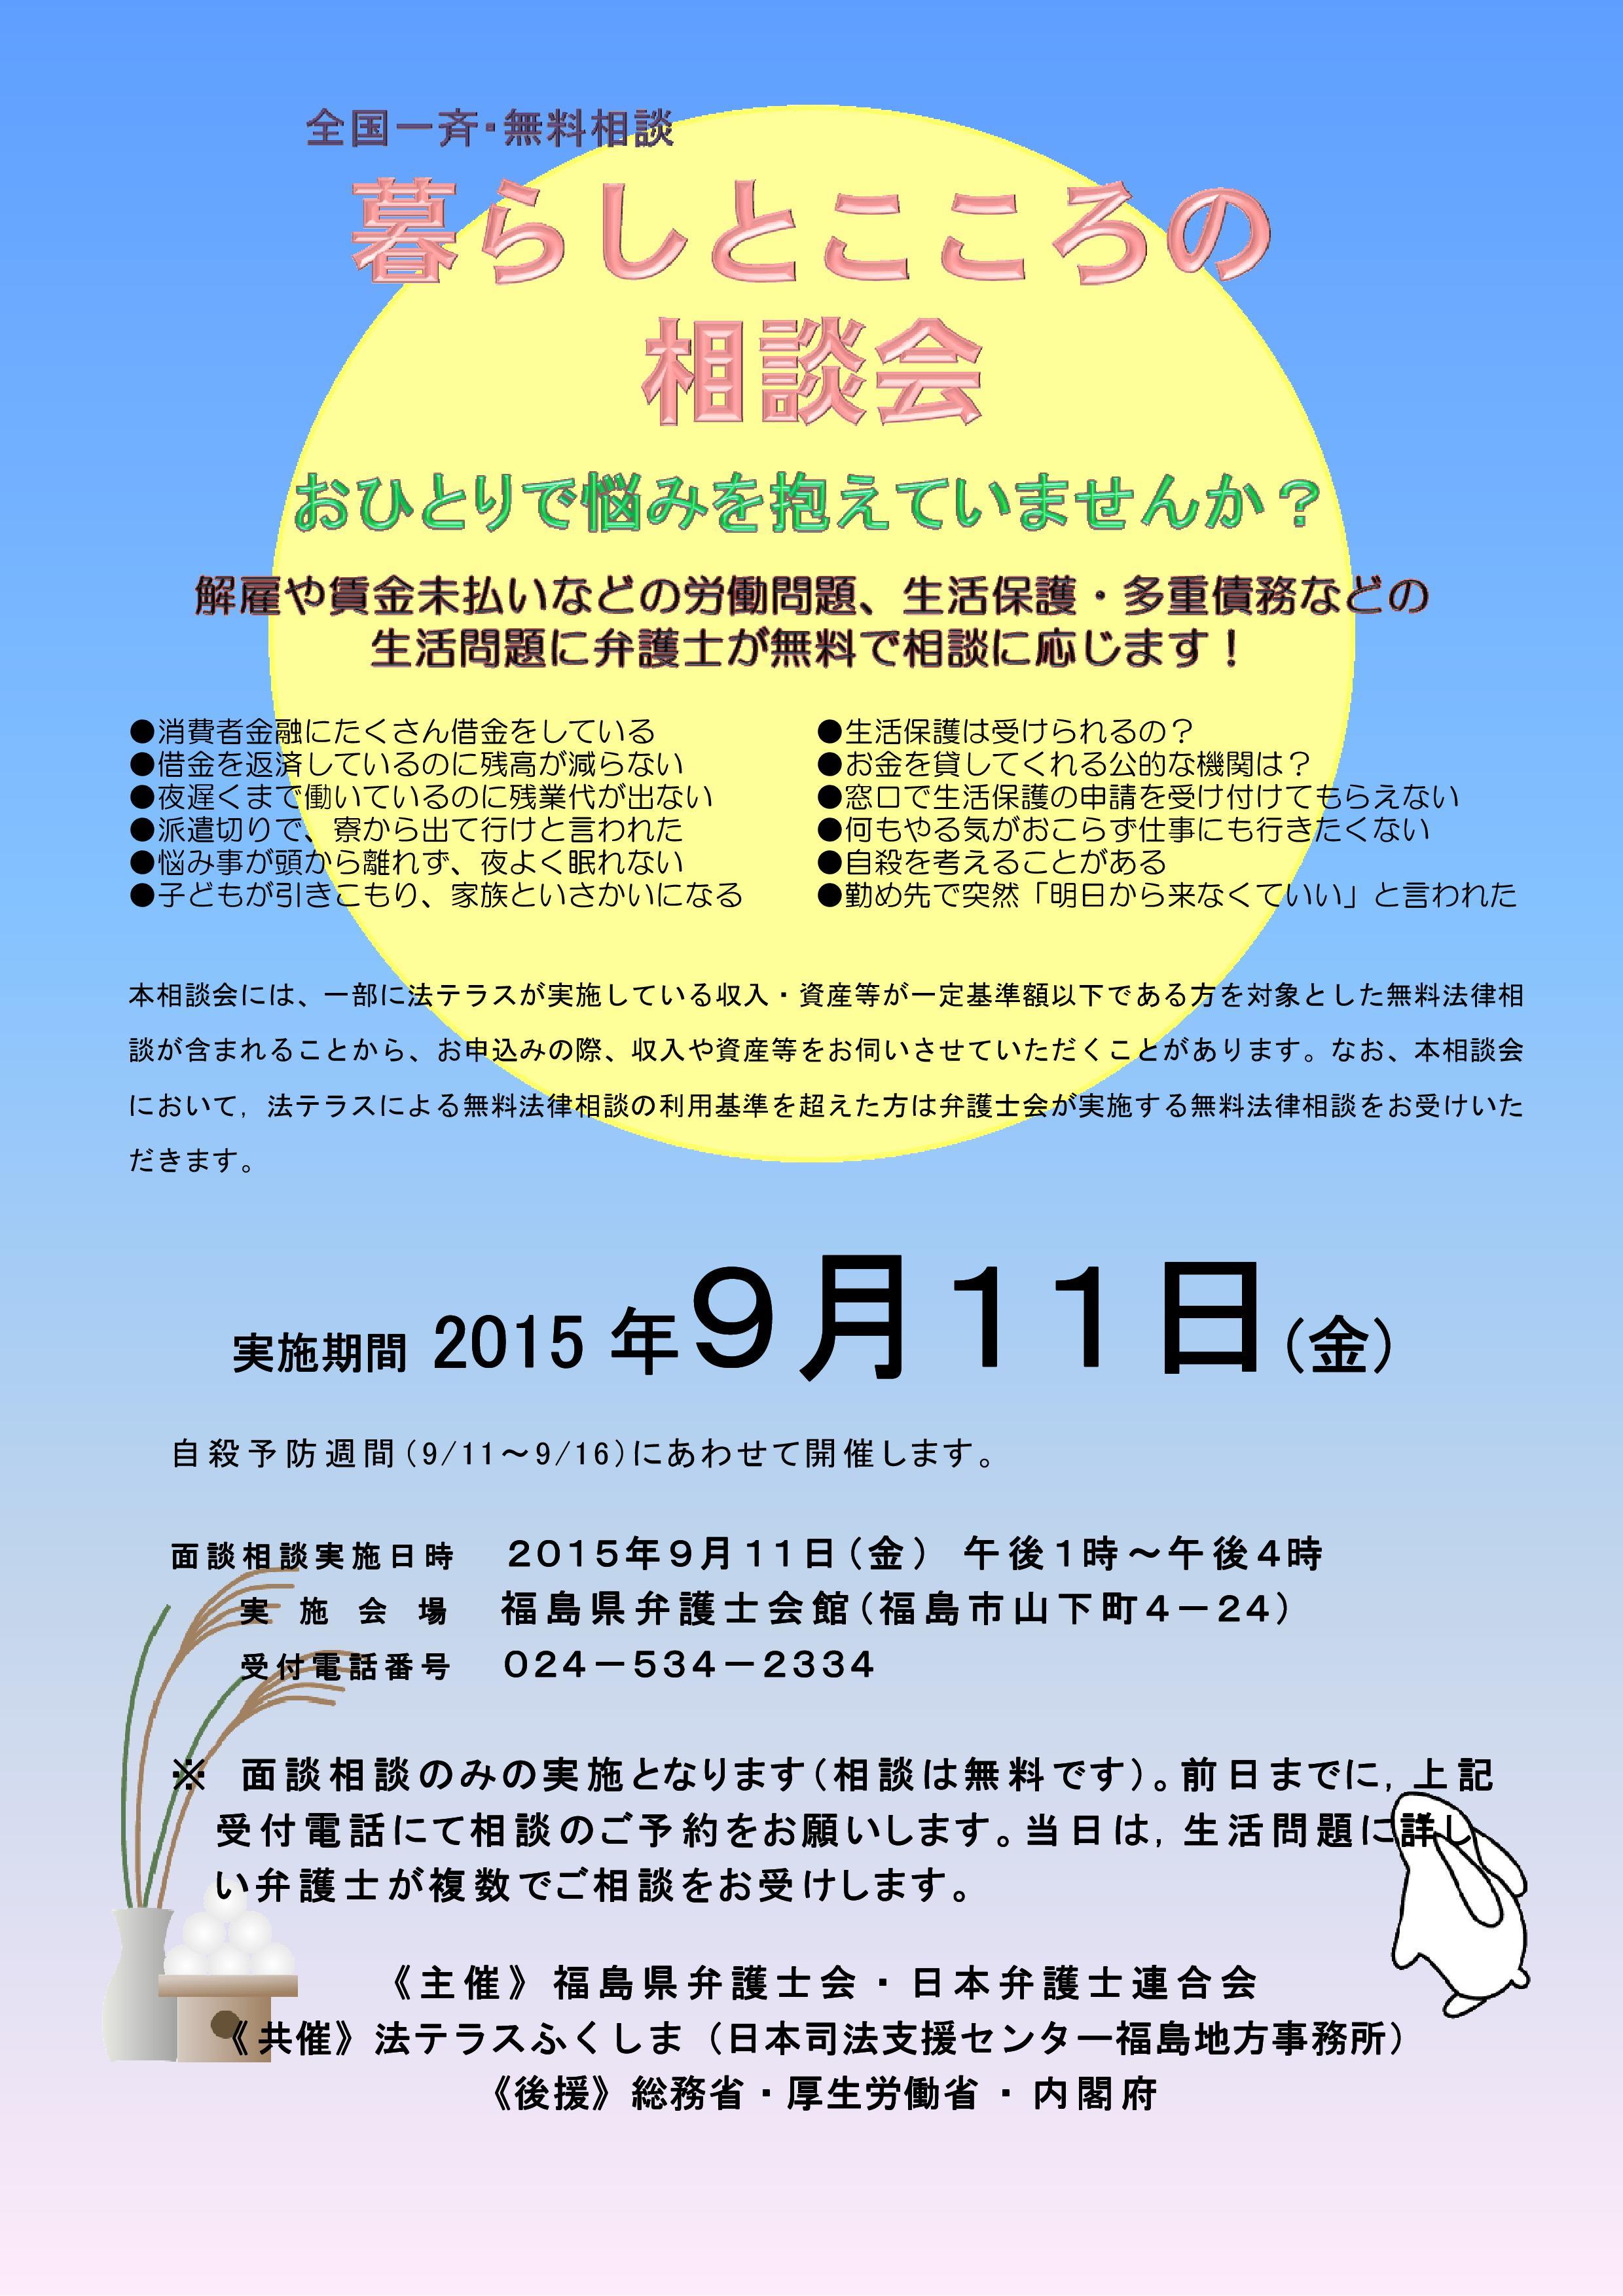 Microsoft Word - 【暮らしとこころ】チラシ(福島県弁護士会)